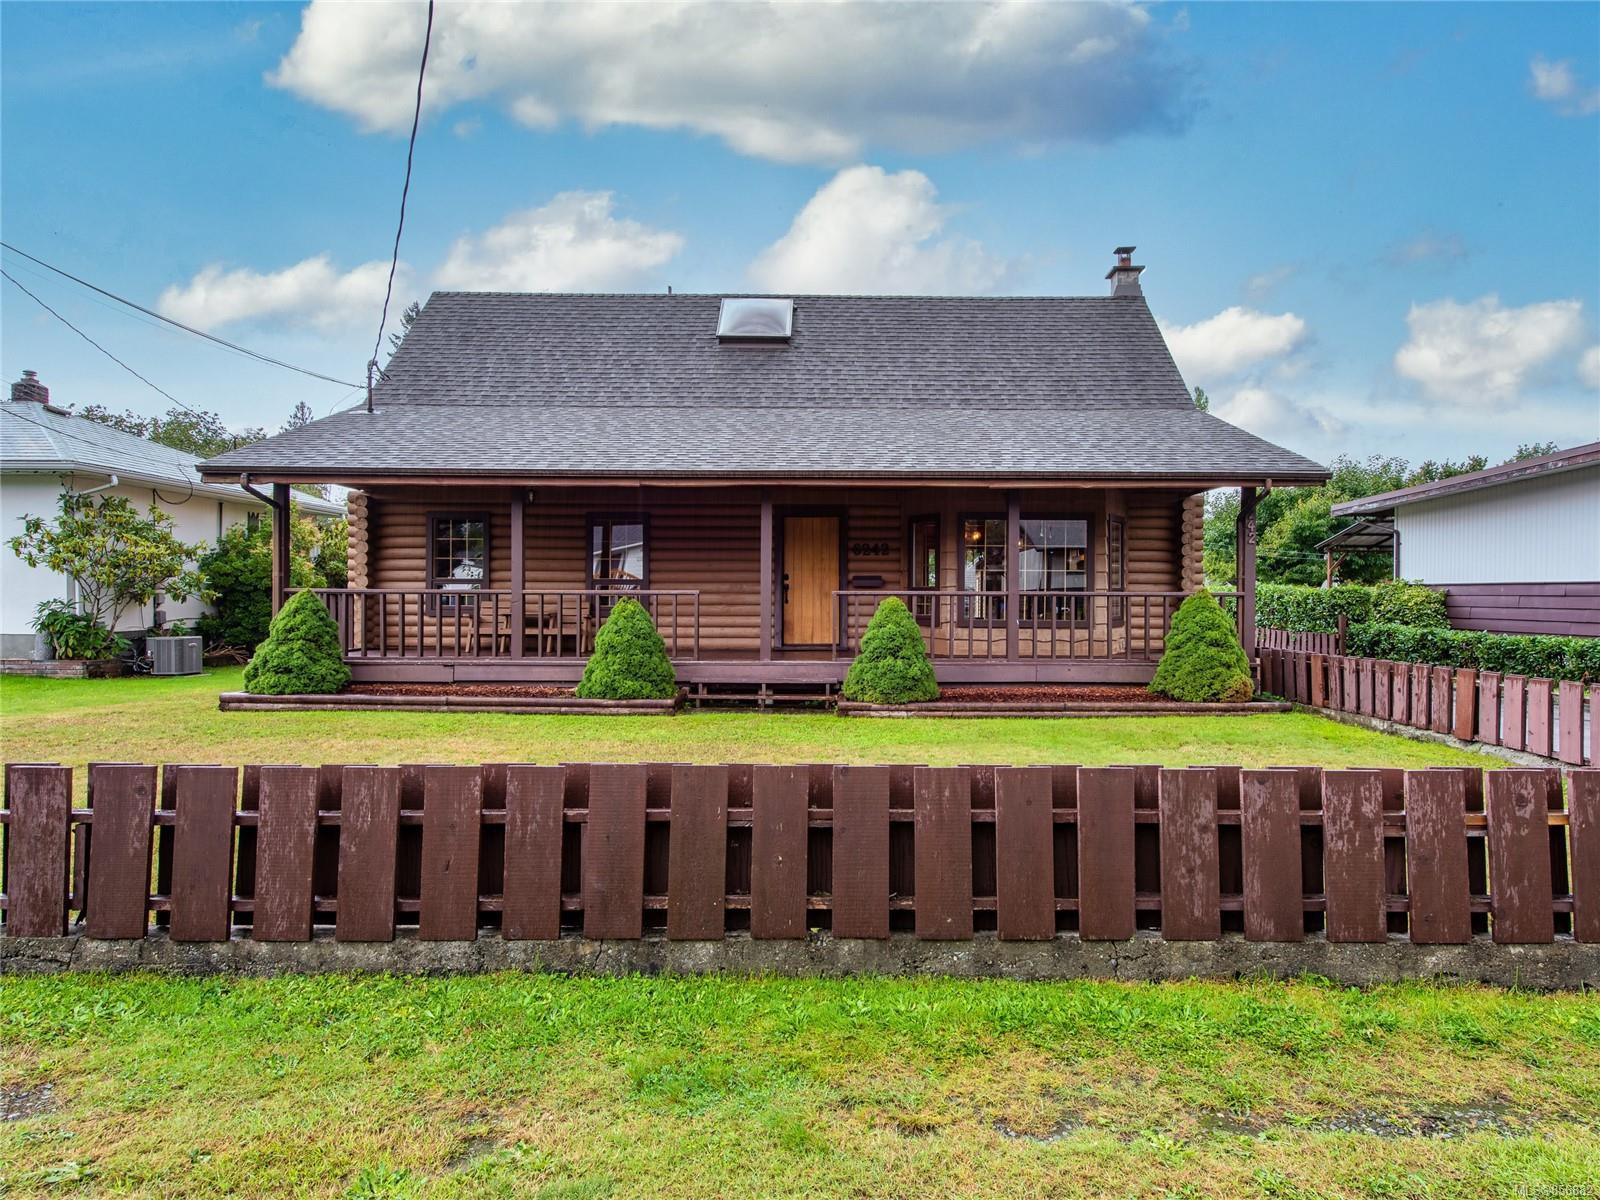 Main Photo: 6242 Compton Rd in : PA Port Alberni House for sale (Port Alberni)  : MLS®# 856882